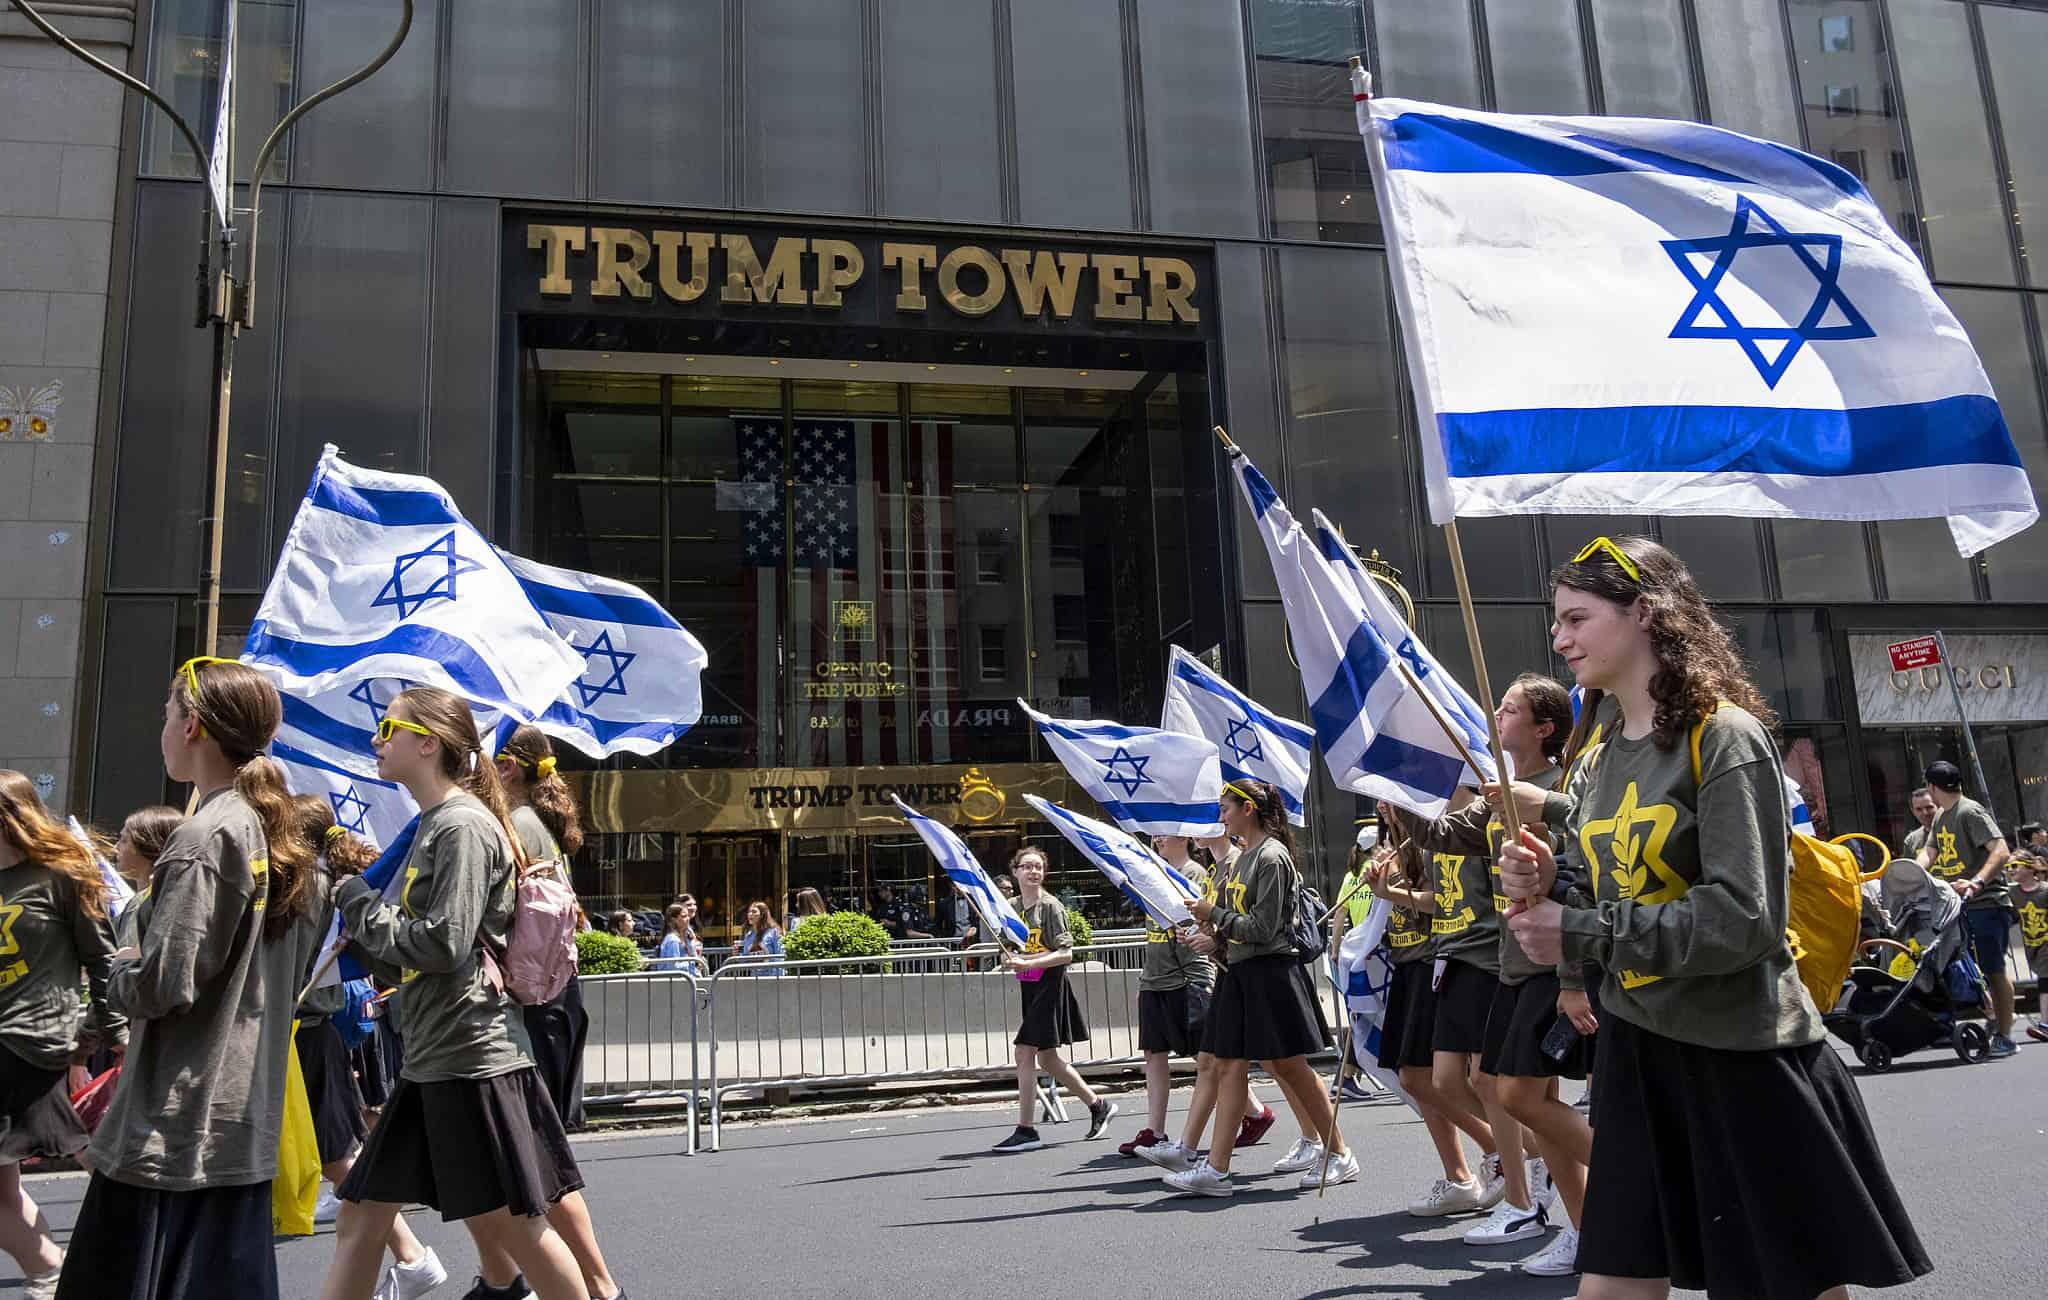 צעדת התמיכה בישראל ברחובות מנהטן ביוני 2019, חולפת על פני מגדלי טראמפ (צילום: AP Photo/Craig Ruttle)